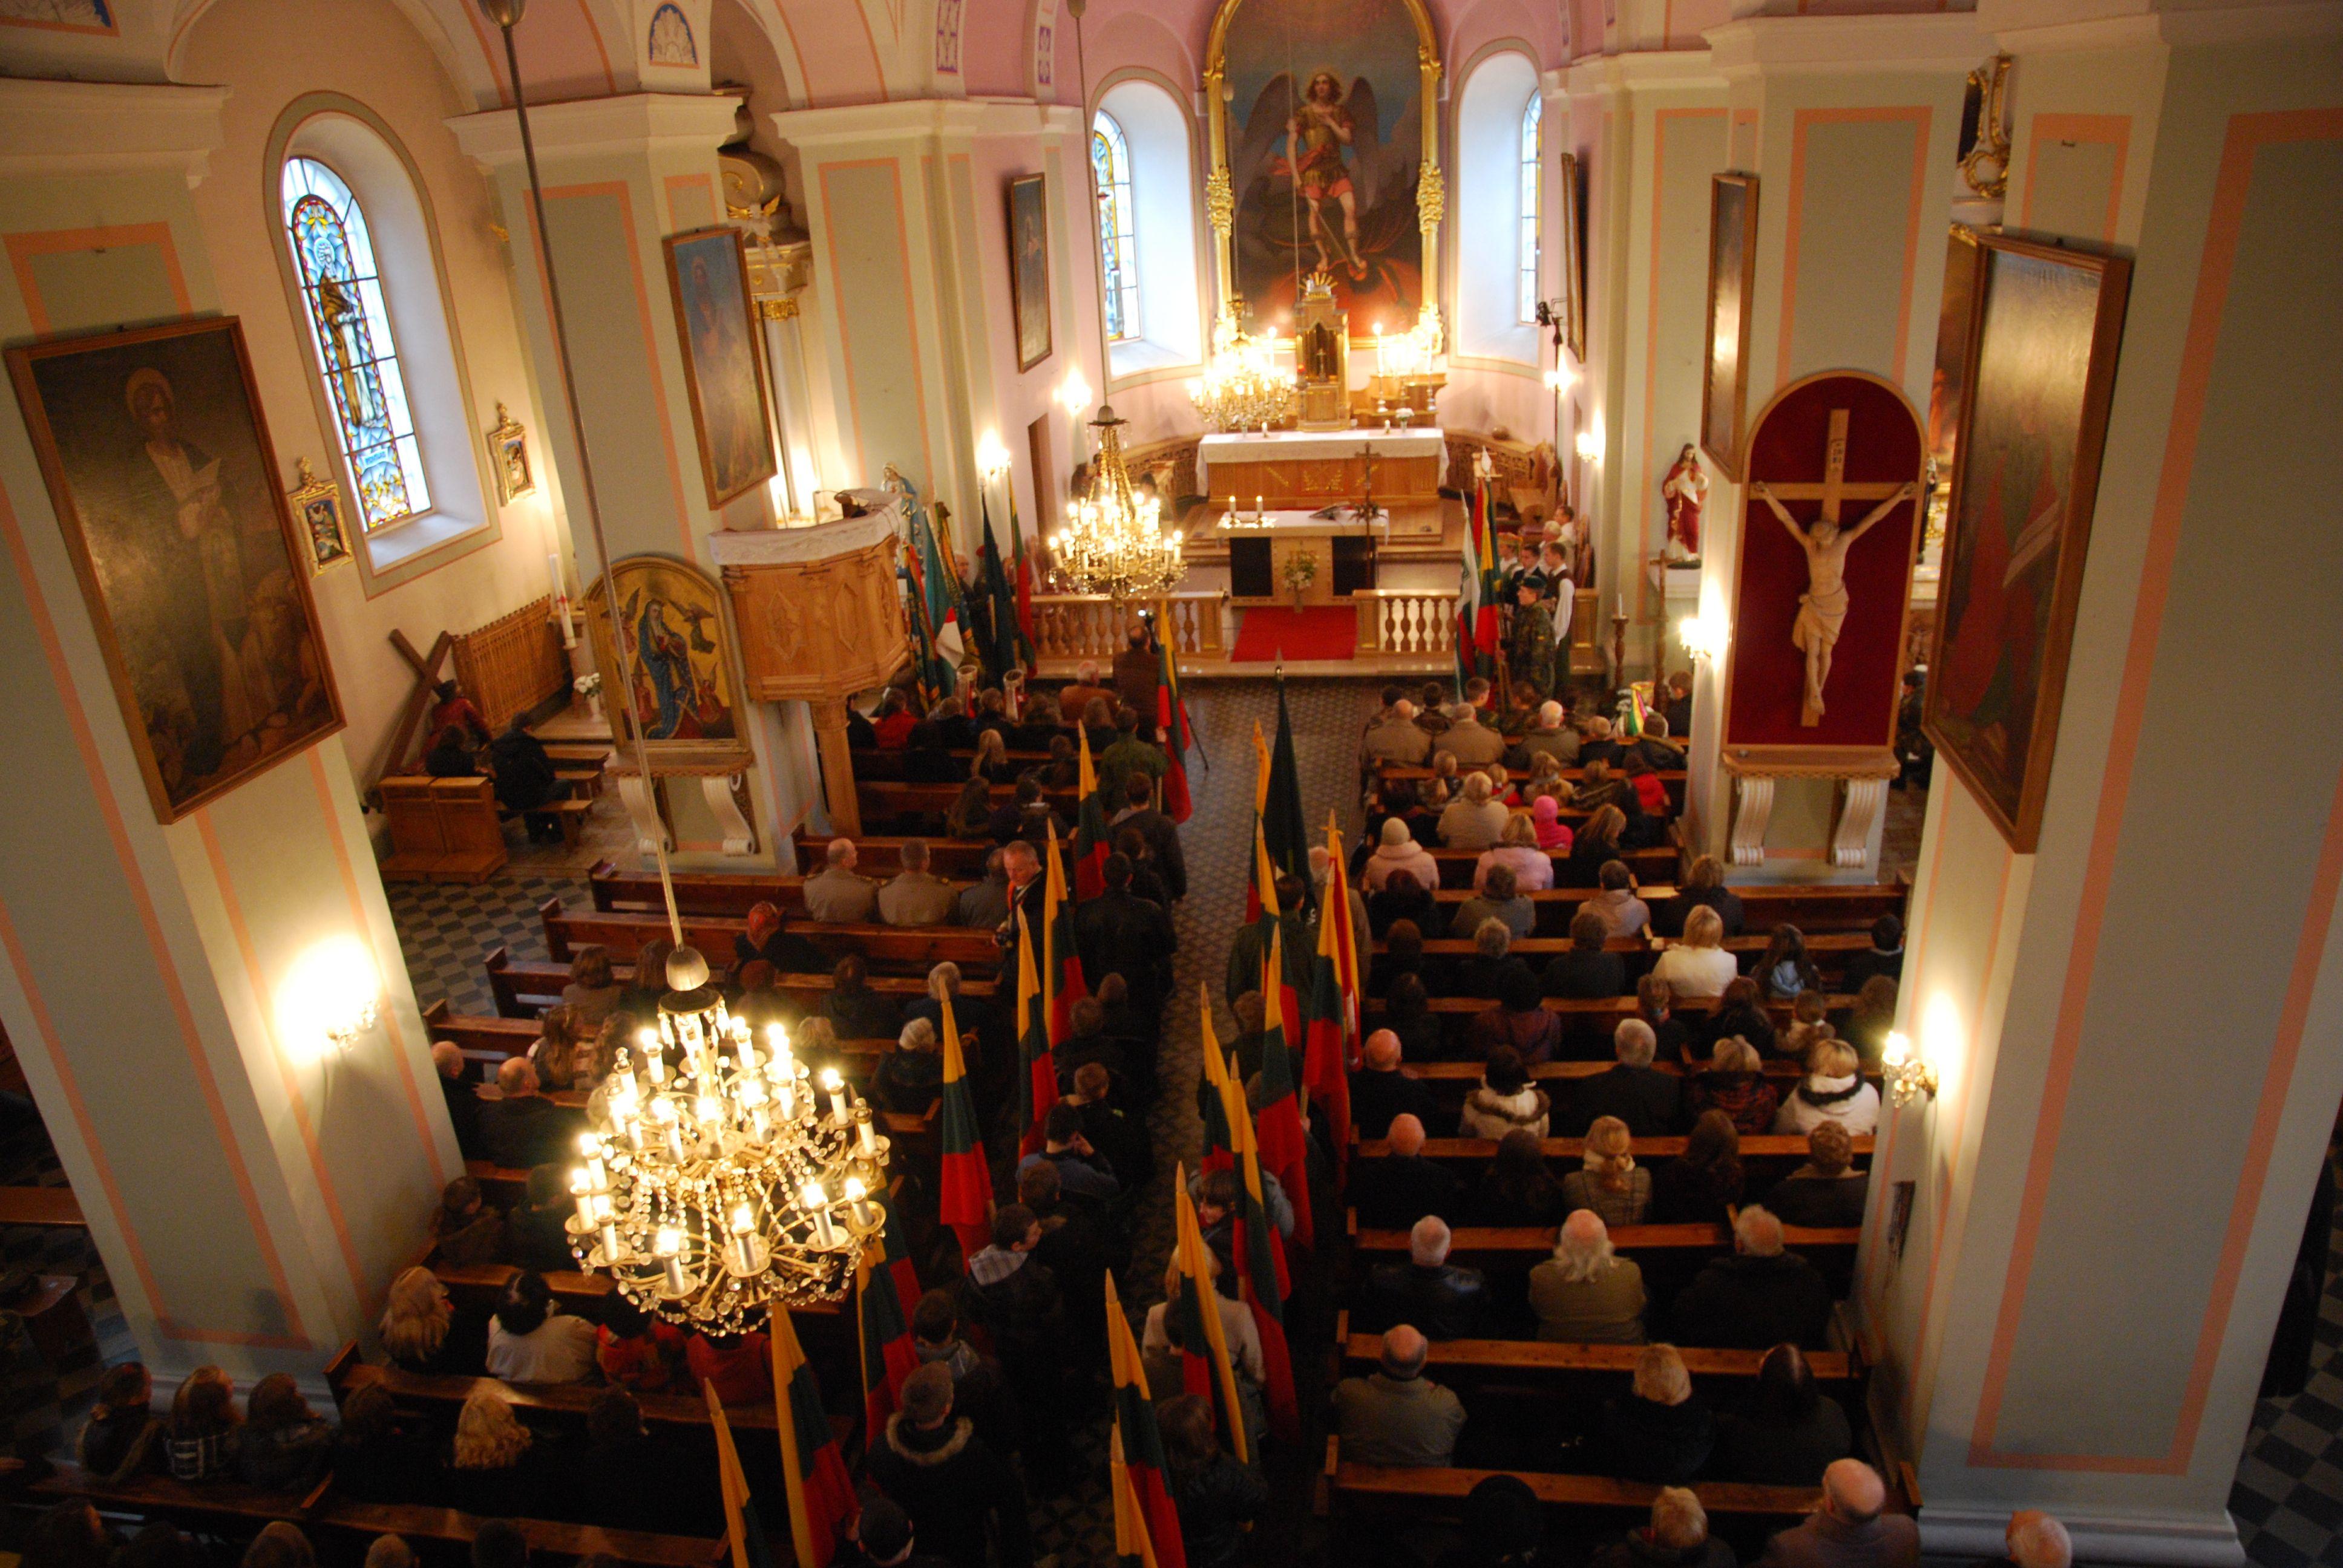 Šv.Mišios už nepriklausomybės kovų sudėtas aukas vyko Širvintų Šv.Mykolo Arkangelo bažnyčioje. S.nemeikaitės nuotr.